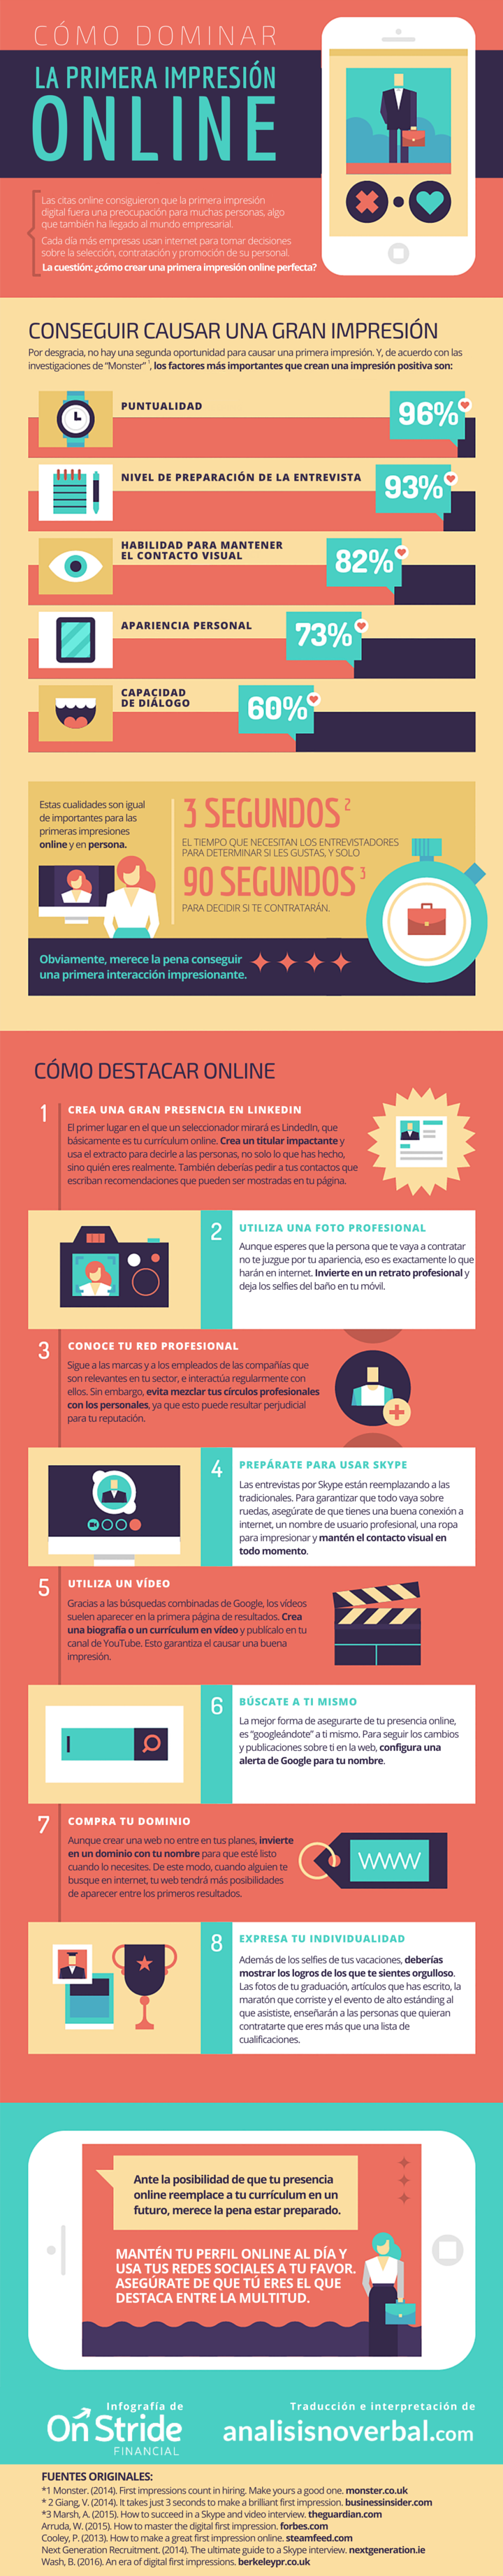 Infografía: la primera impresión online